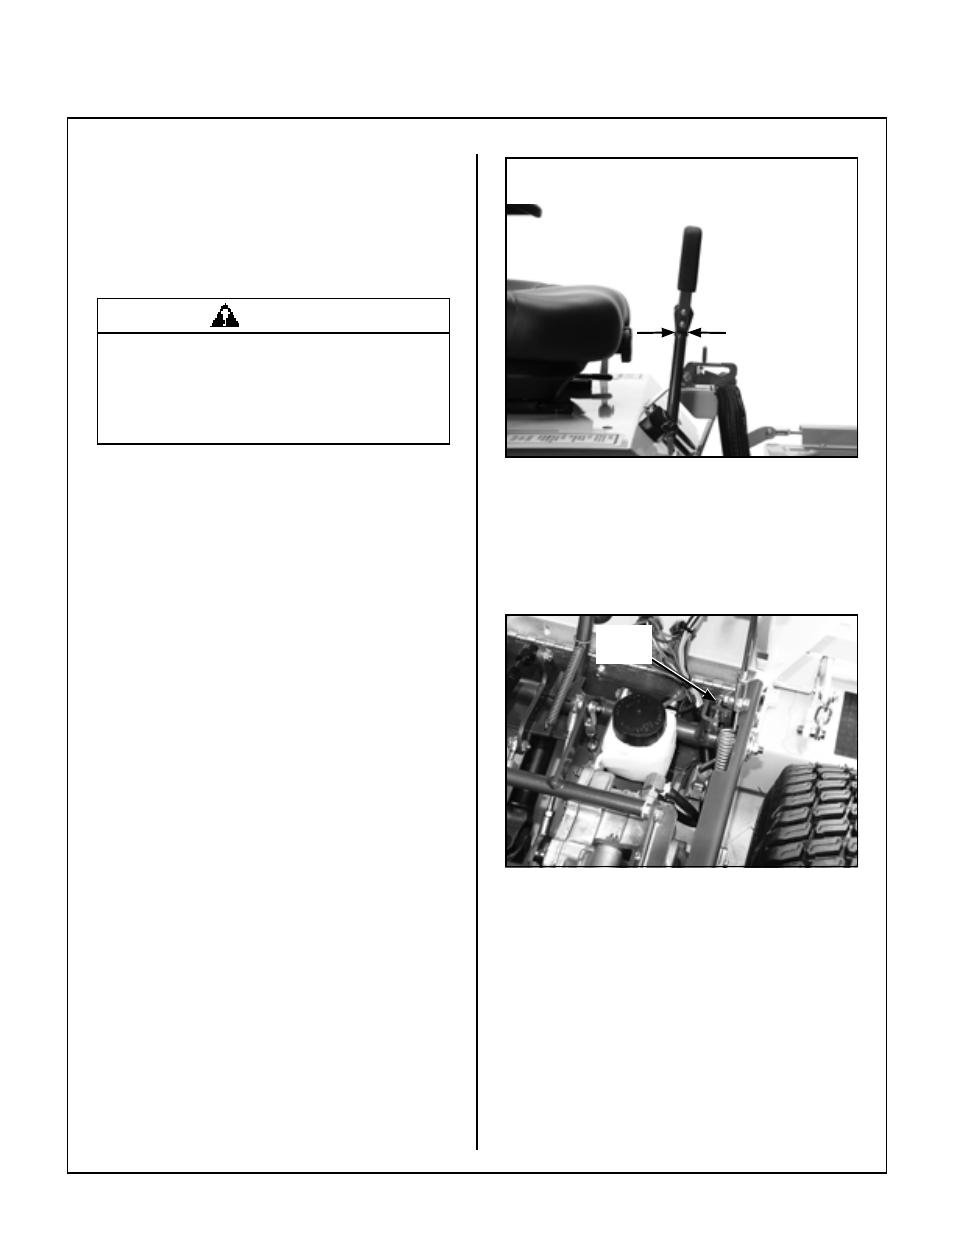 Adjustments, Transmission control, Steering lever position